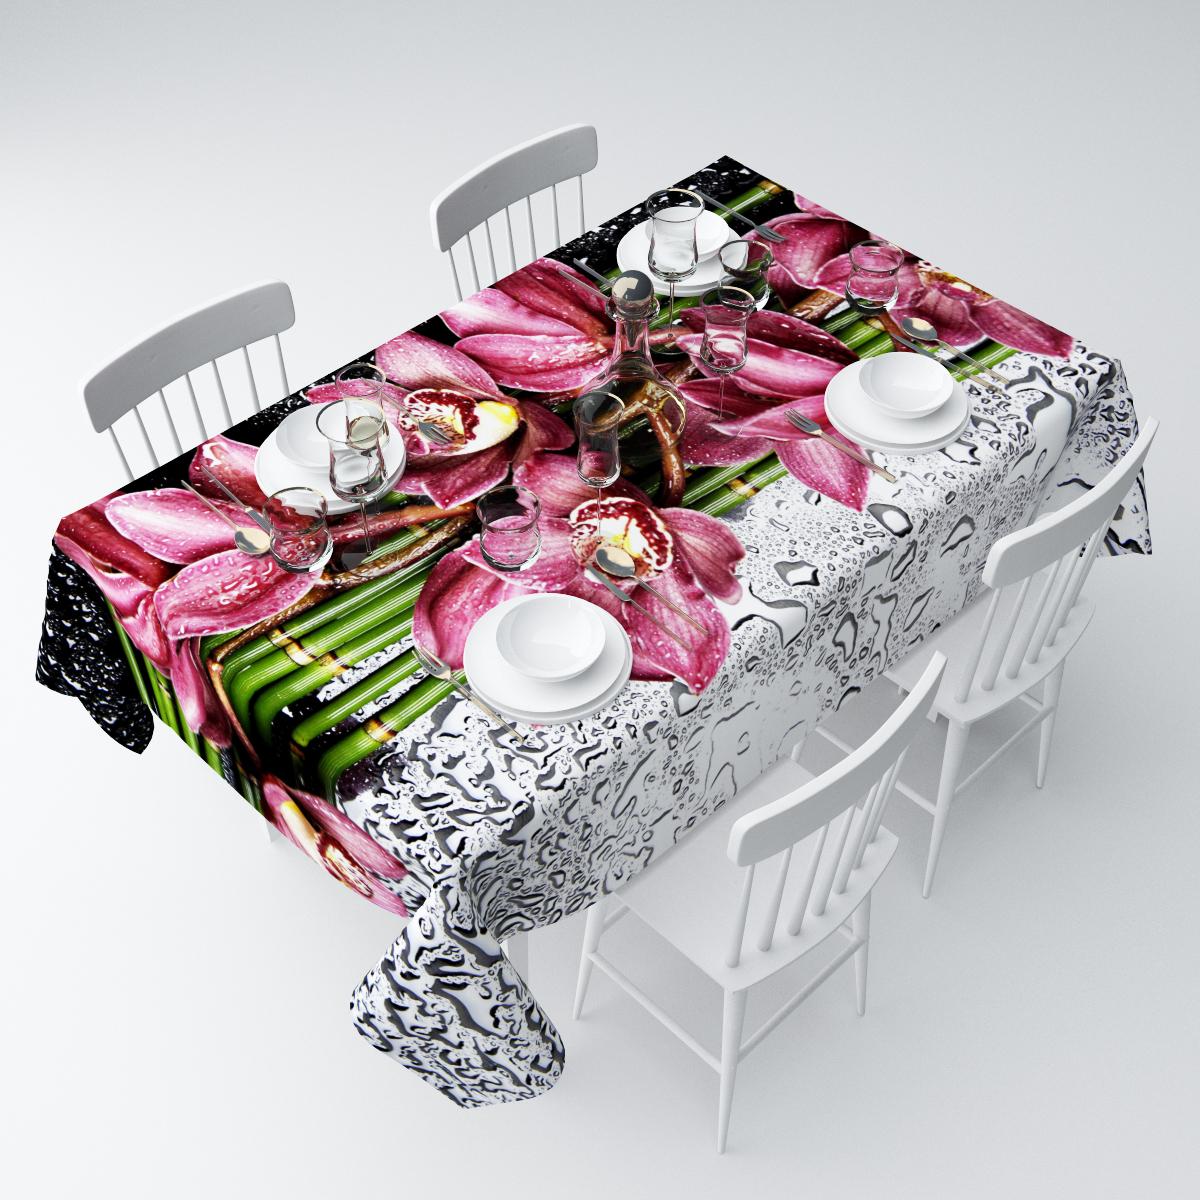 Скатерть Сирень Распустившаяся орхидея, прямоугольная, 145 х 220 смСКГБ004-03849Прямоугольная скатерть Сирень Распустившаяся орхидея, выполненная из габардина с ярким рисунком, преобразит вашу кухню, визуально расширит пространство, создаст атмосферу радости и комфорта. Рекомендации по уходу: стирка при 30 градусах, гладить при температуре до 110 градусов.Размер скатерти: 145 х 220 см. Изображение может немного отличаться от реального.